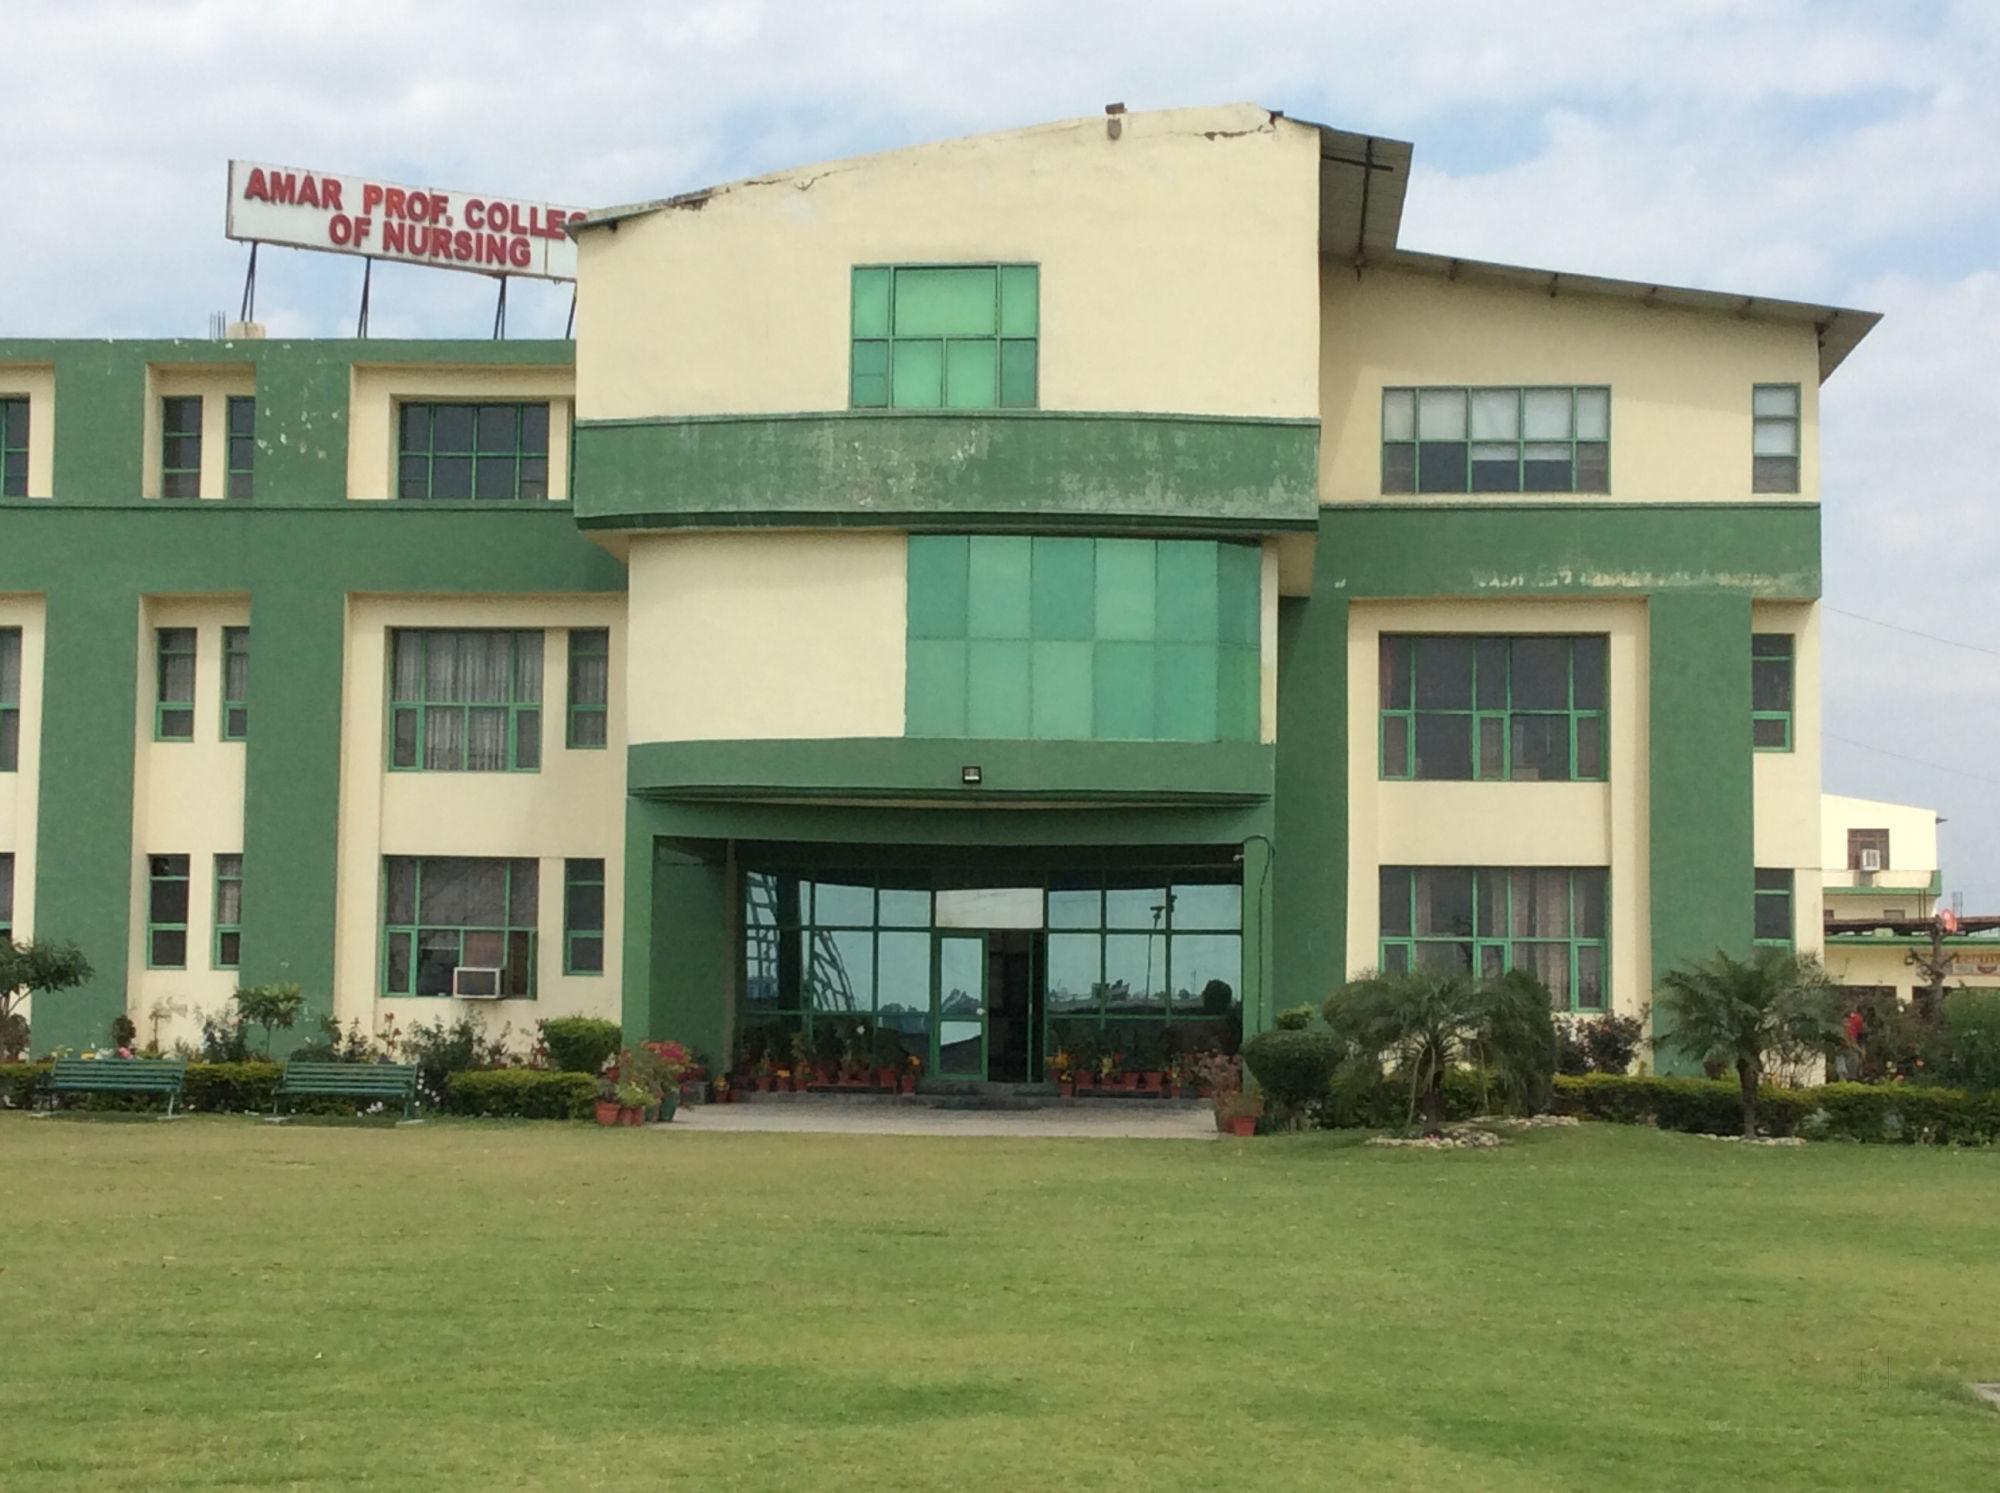 Amar Professional College of Nursing, Dera Bassi